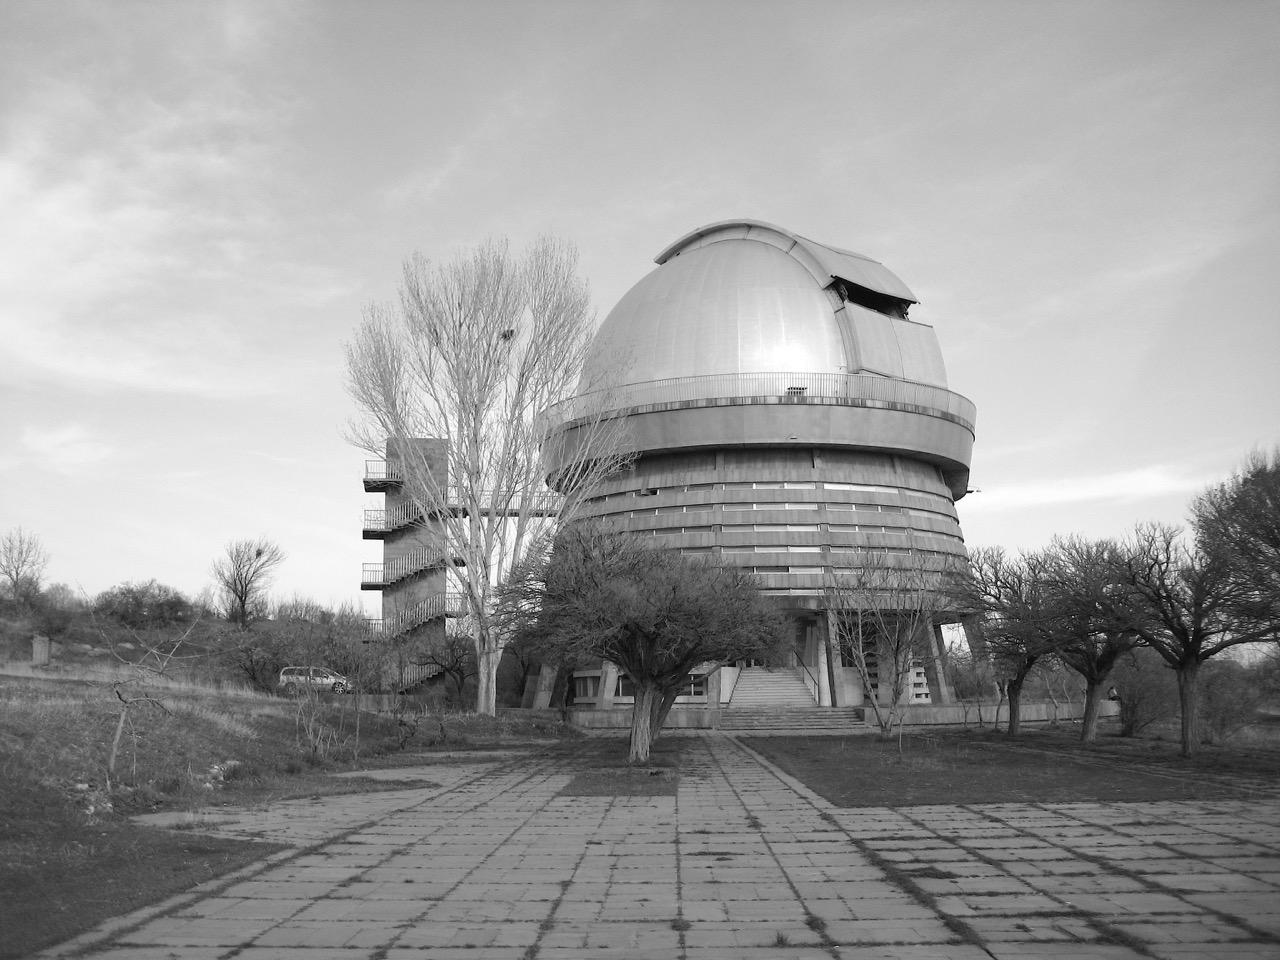 Foto: Bjurakan-Observatorium. Aus: Eriwan. Kapitel 6 Aufzeichnungen aus Armenien von Marc Degens.